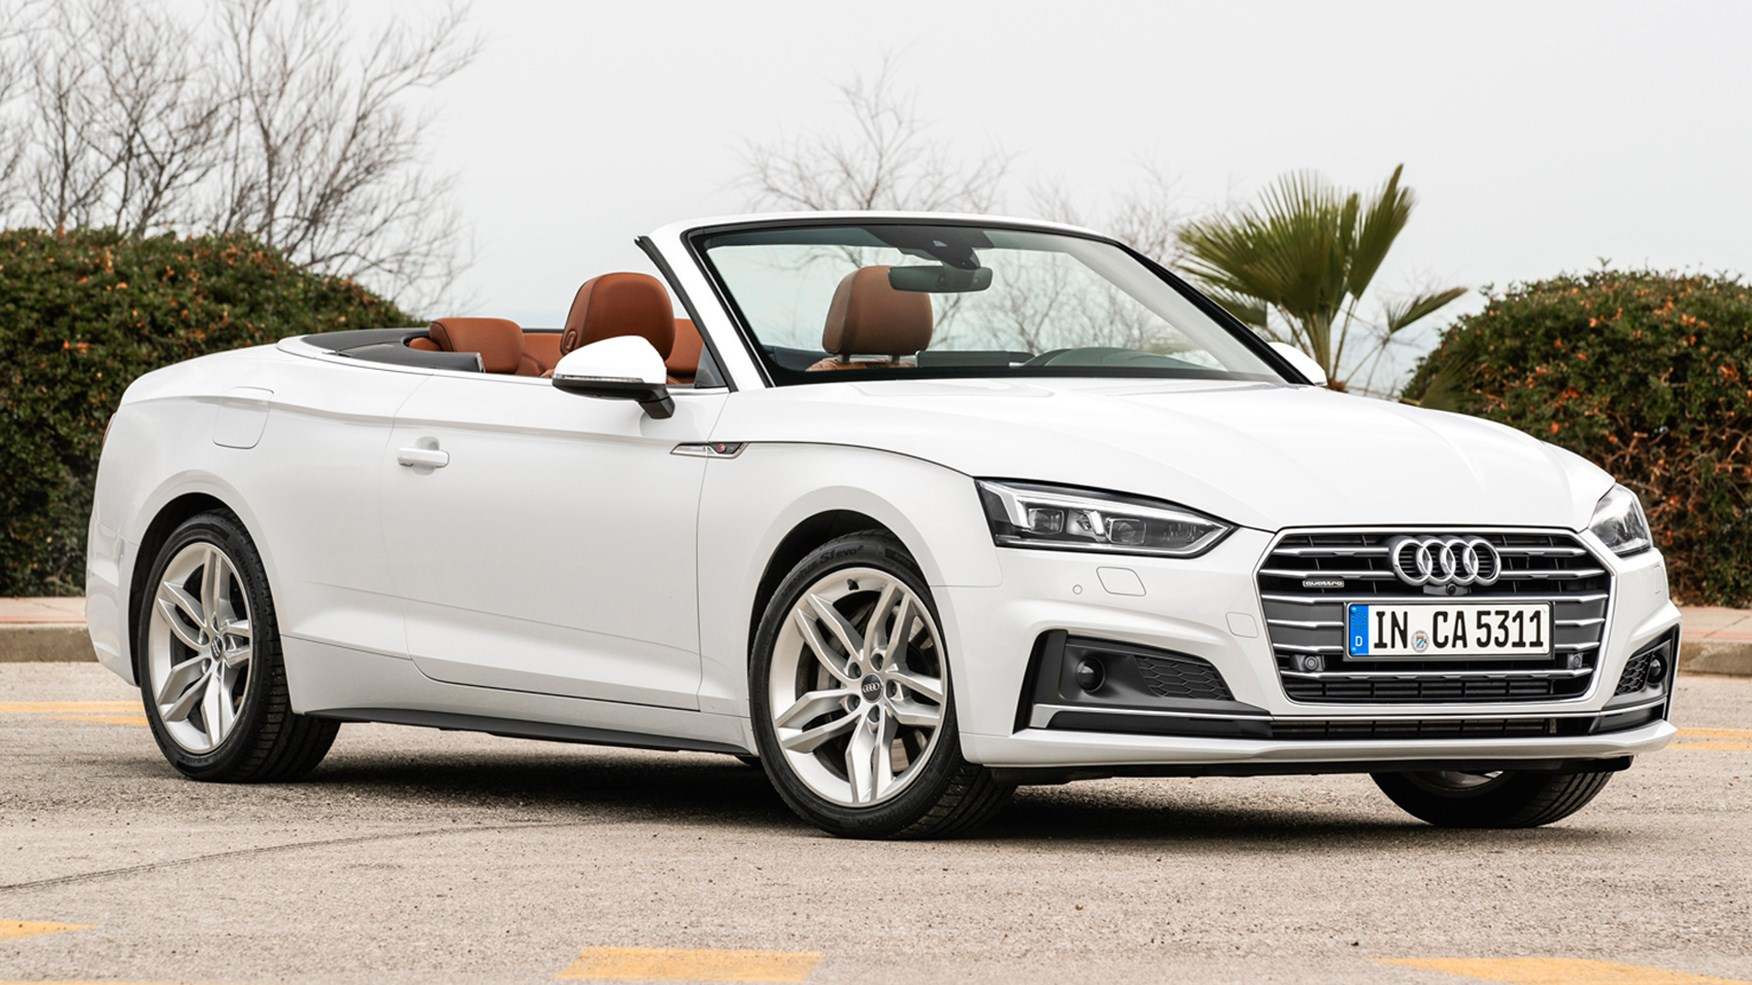 0 Down Lease Deals >> Audi A5 Lease Deals Los Angeles | Lamoureph Blog